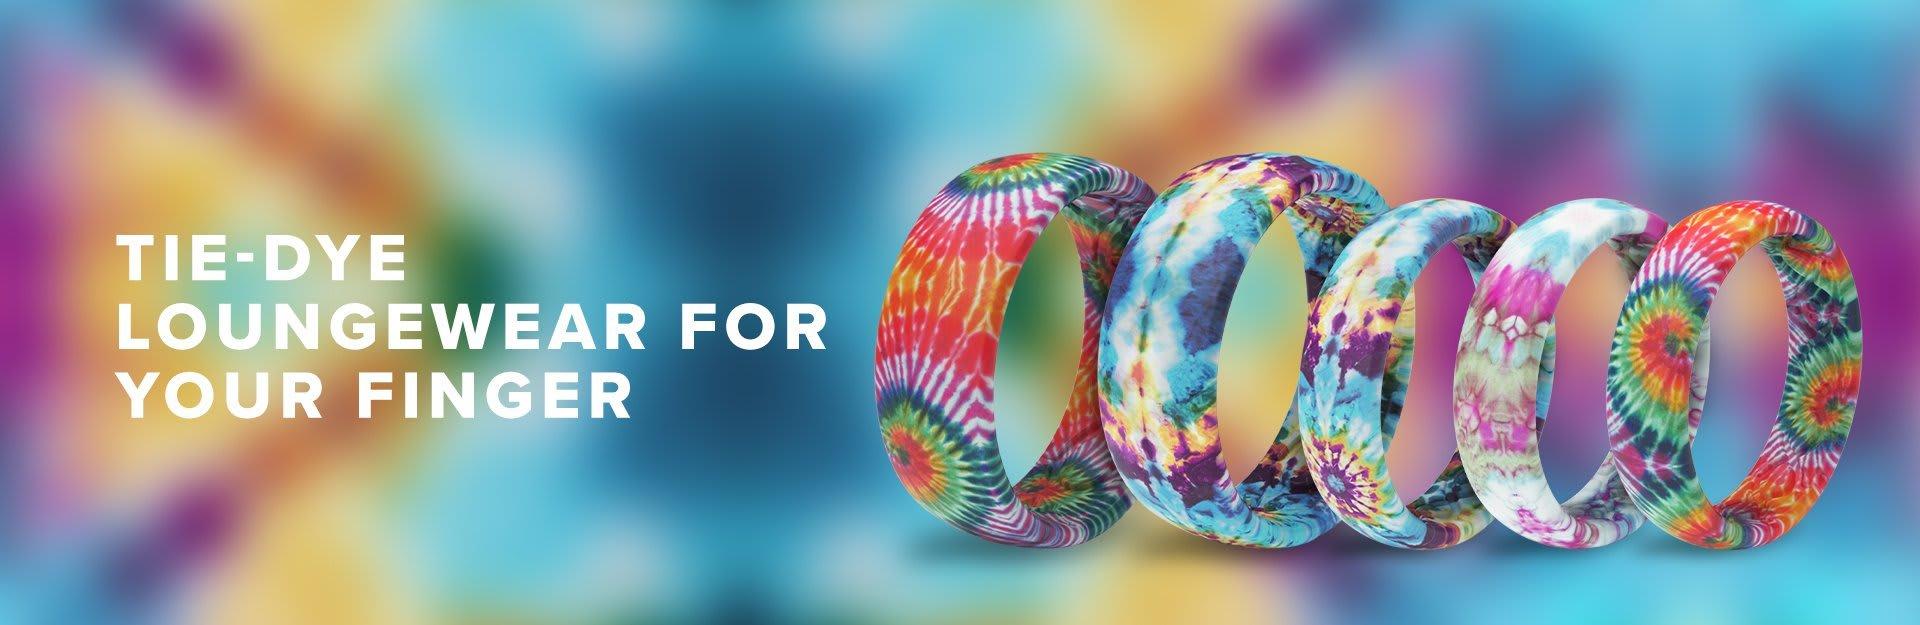 Tie Dye Rings, all Tie Dye rings overlaid on Tie-Dye background